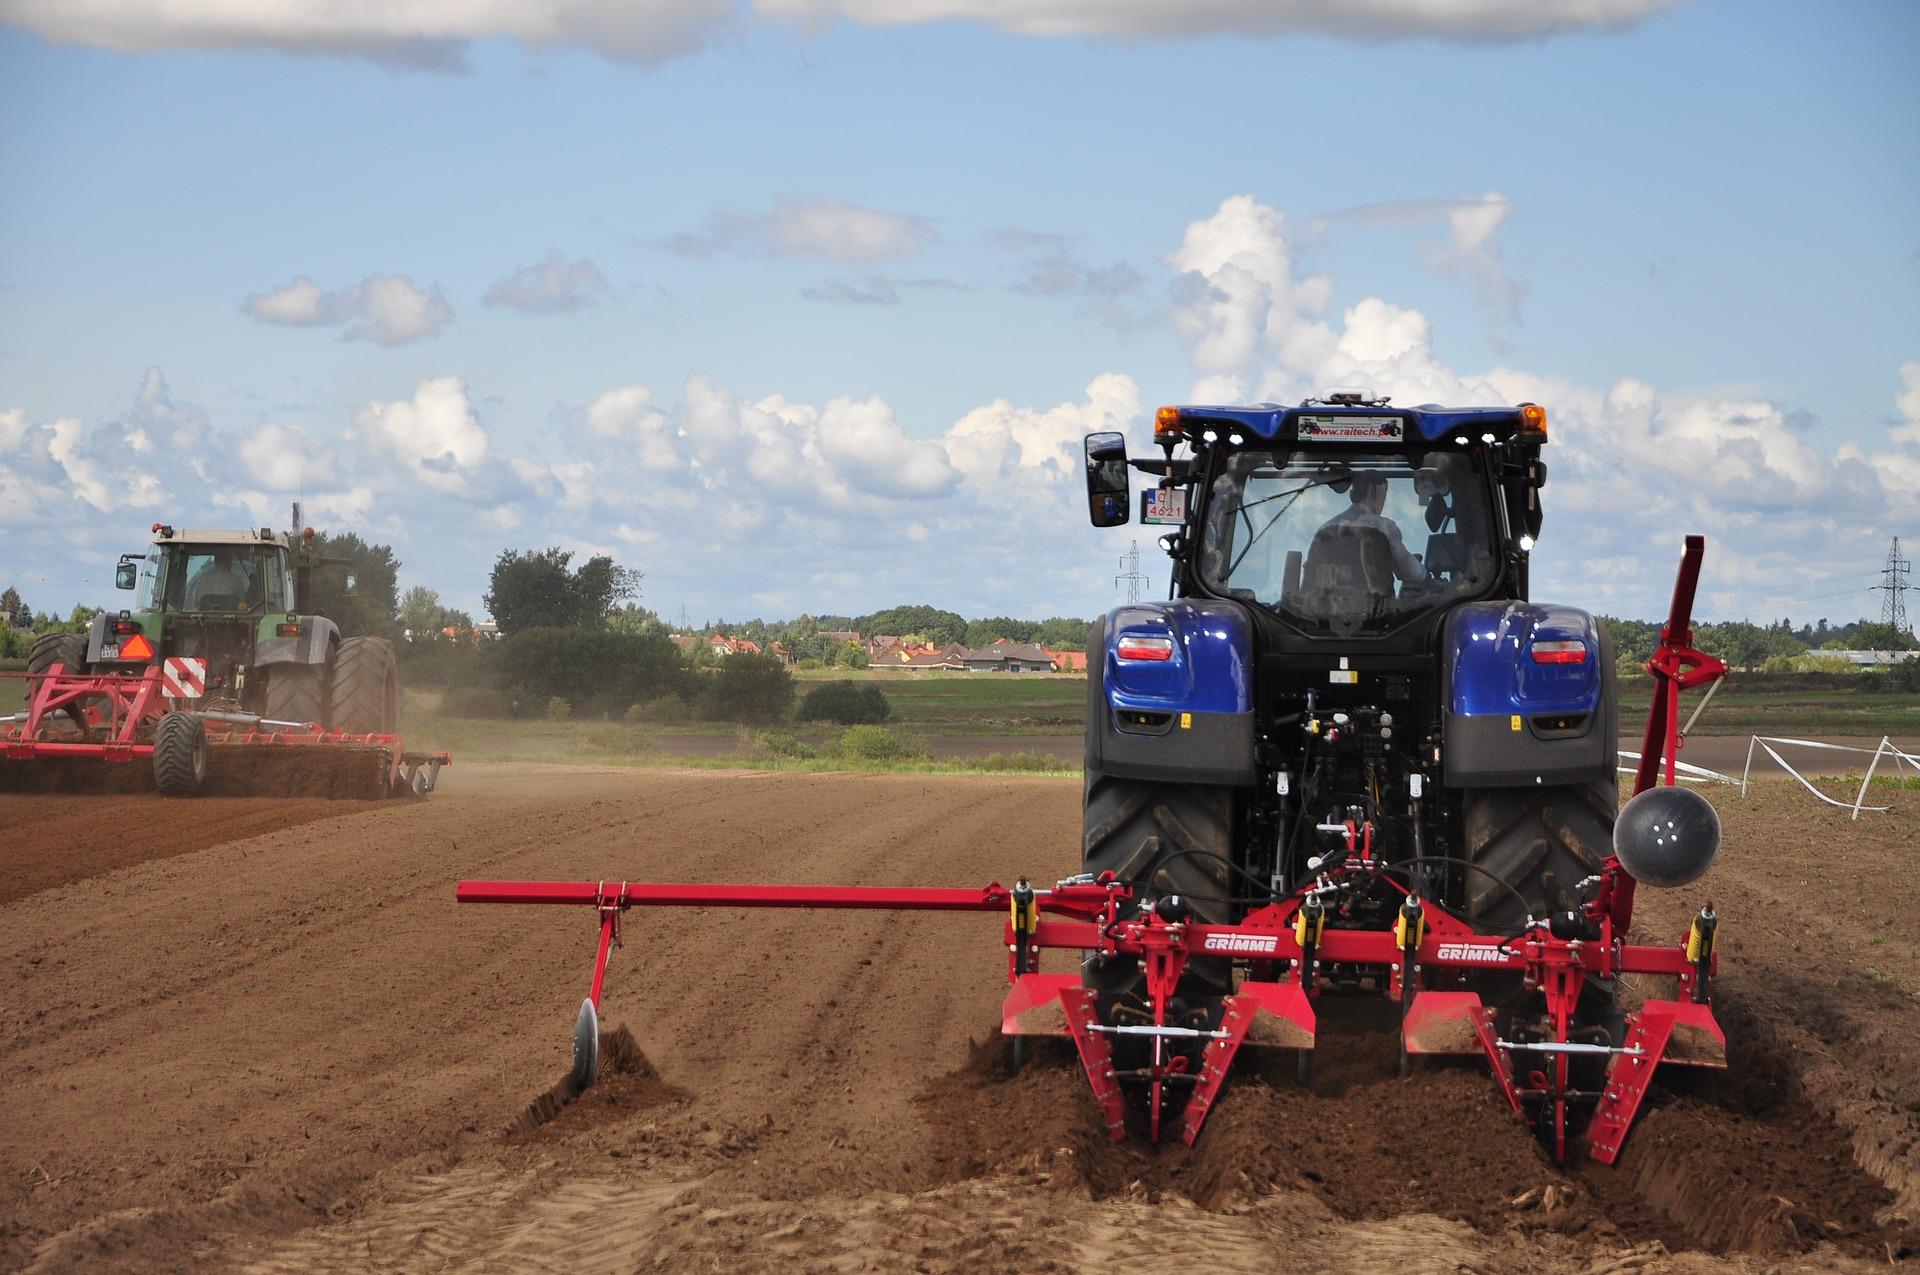 Informacji dotyczących zasad BHP w gospodarstwach rolnych